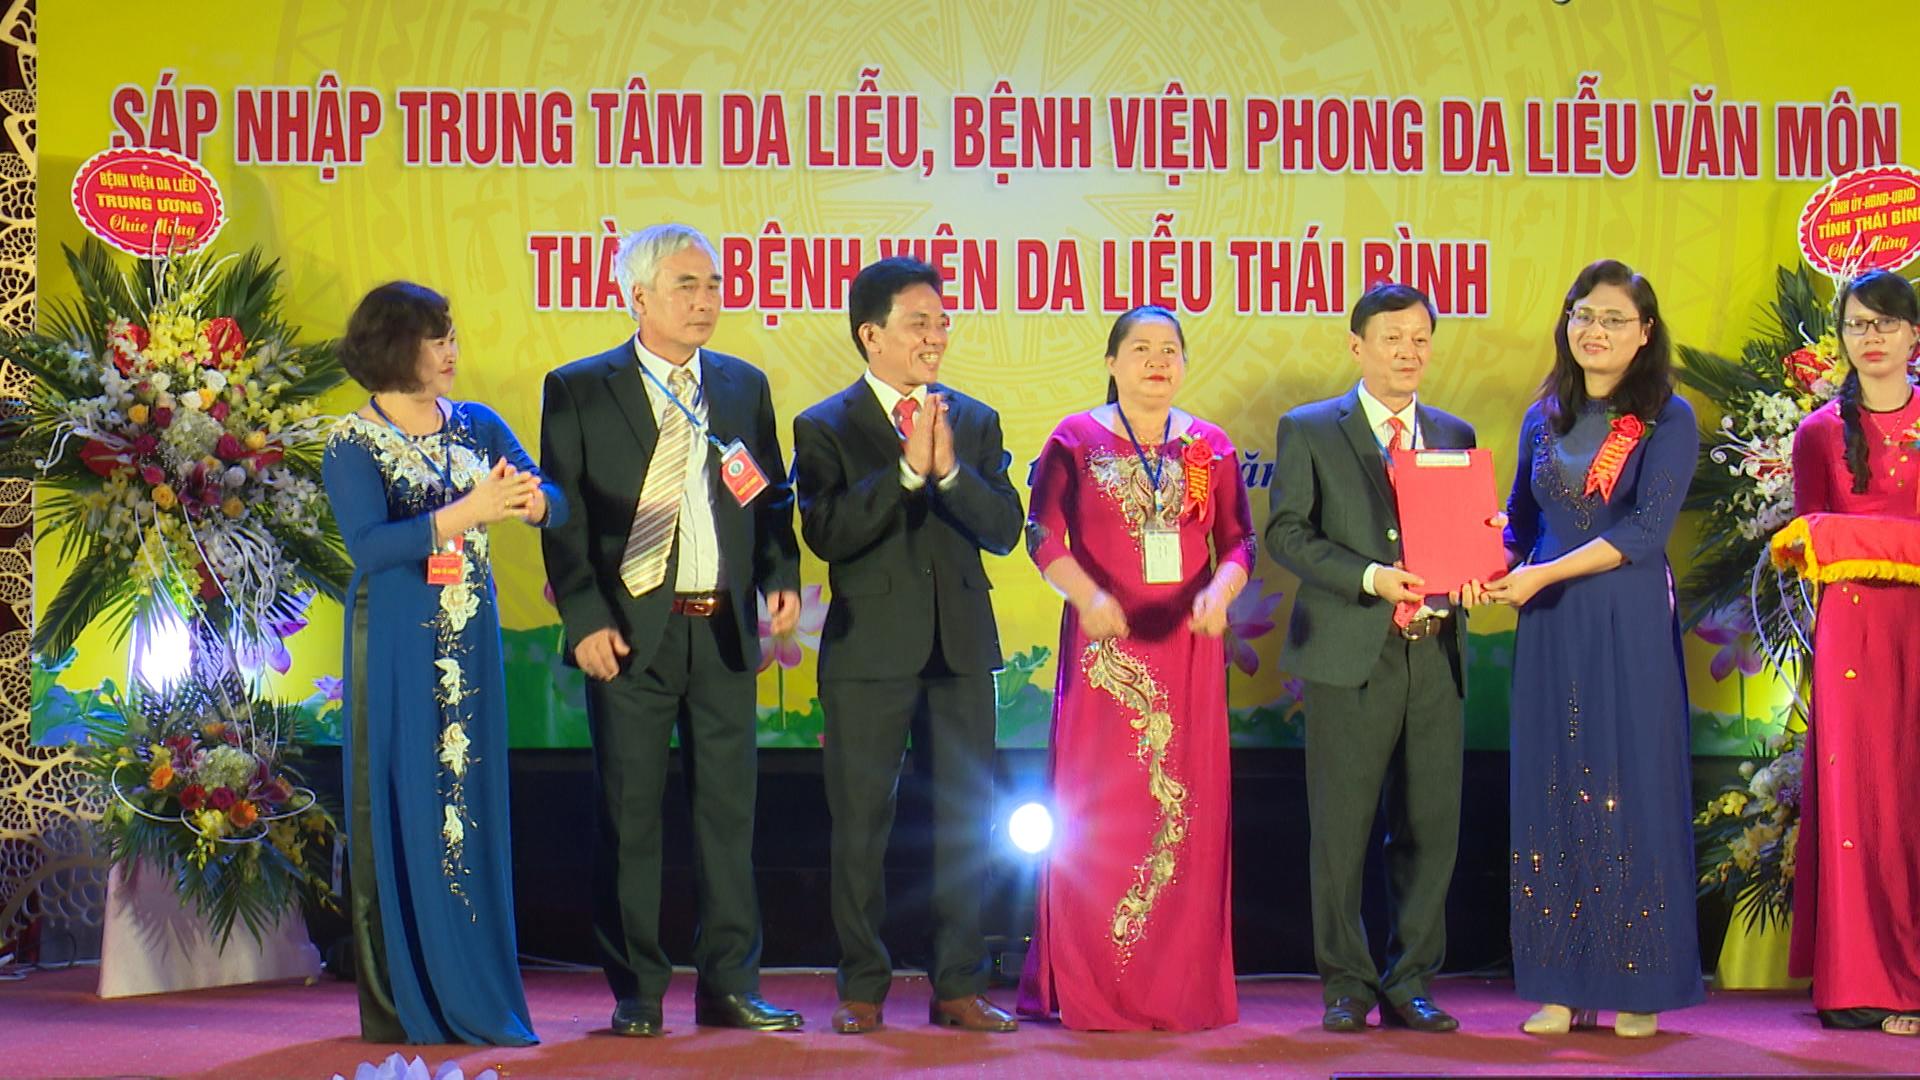 Bệnh viện Da liễu Thái Bình: Mốc son phát triển